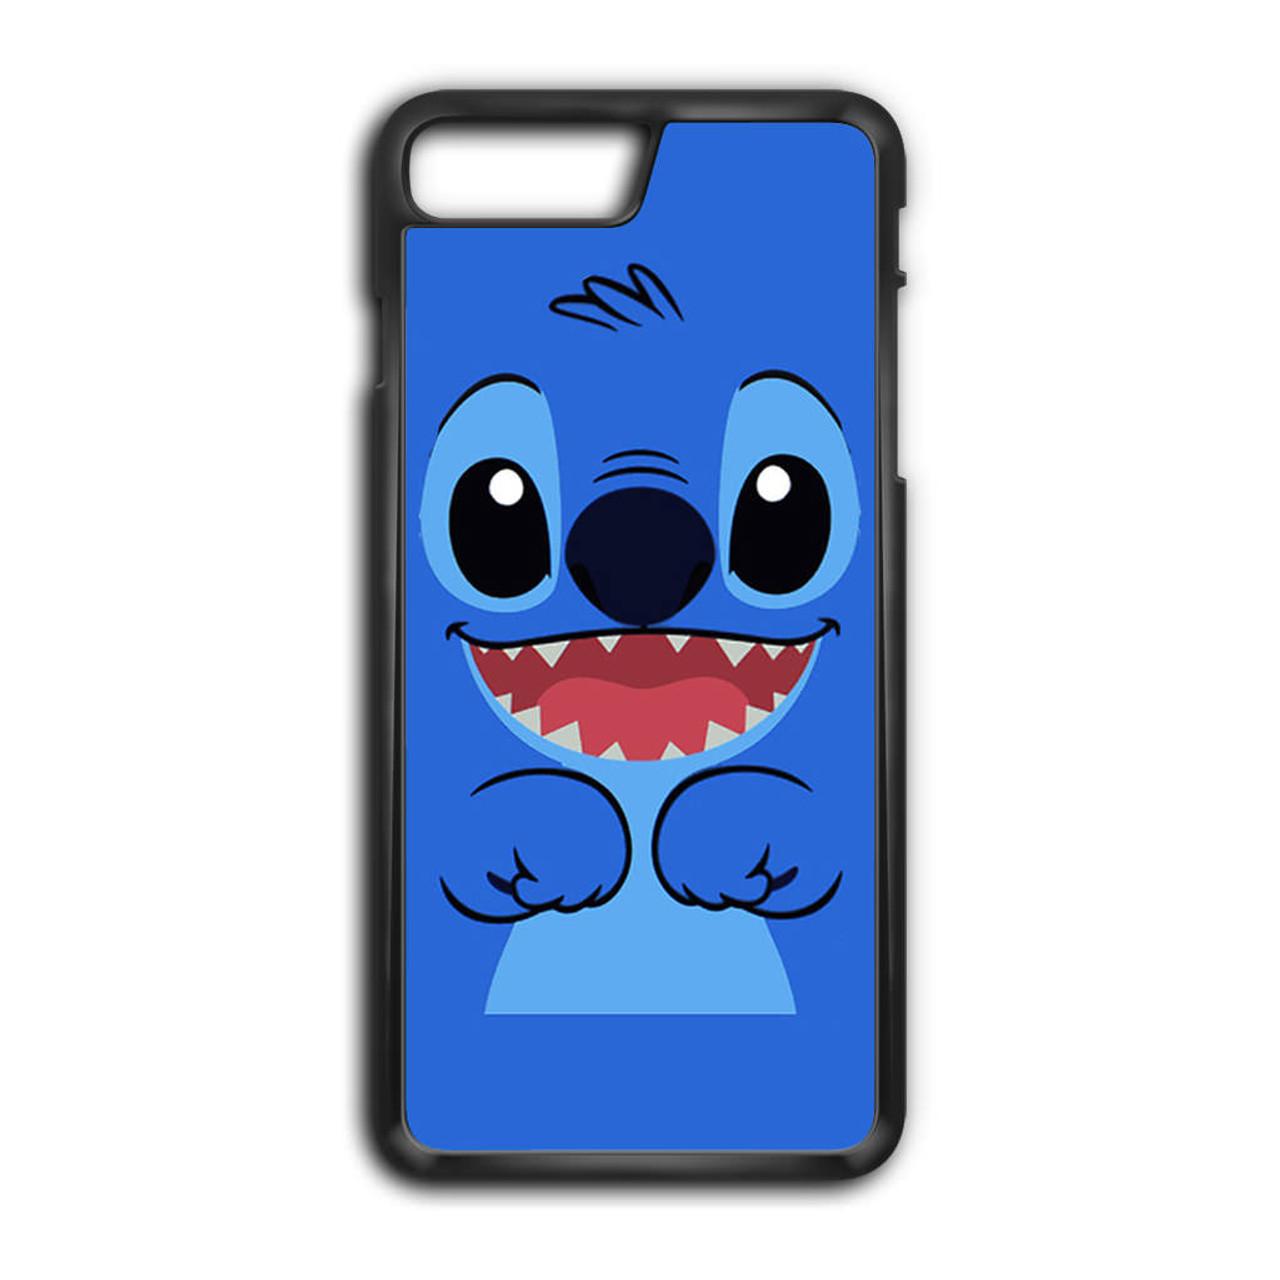 iphone 7 stitch case